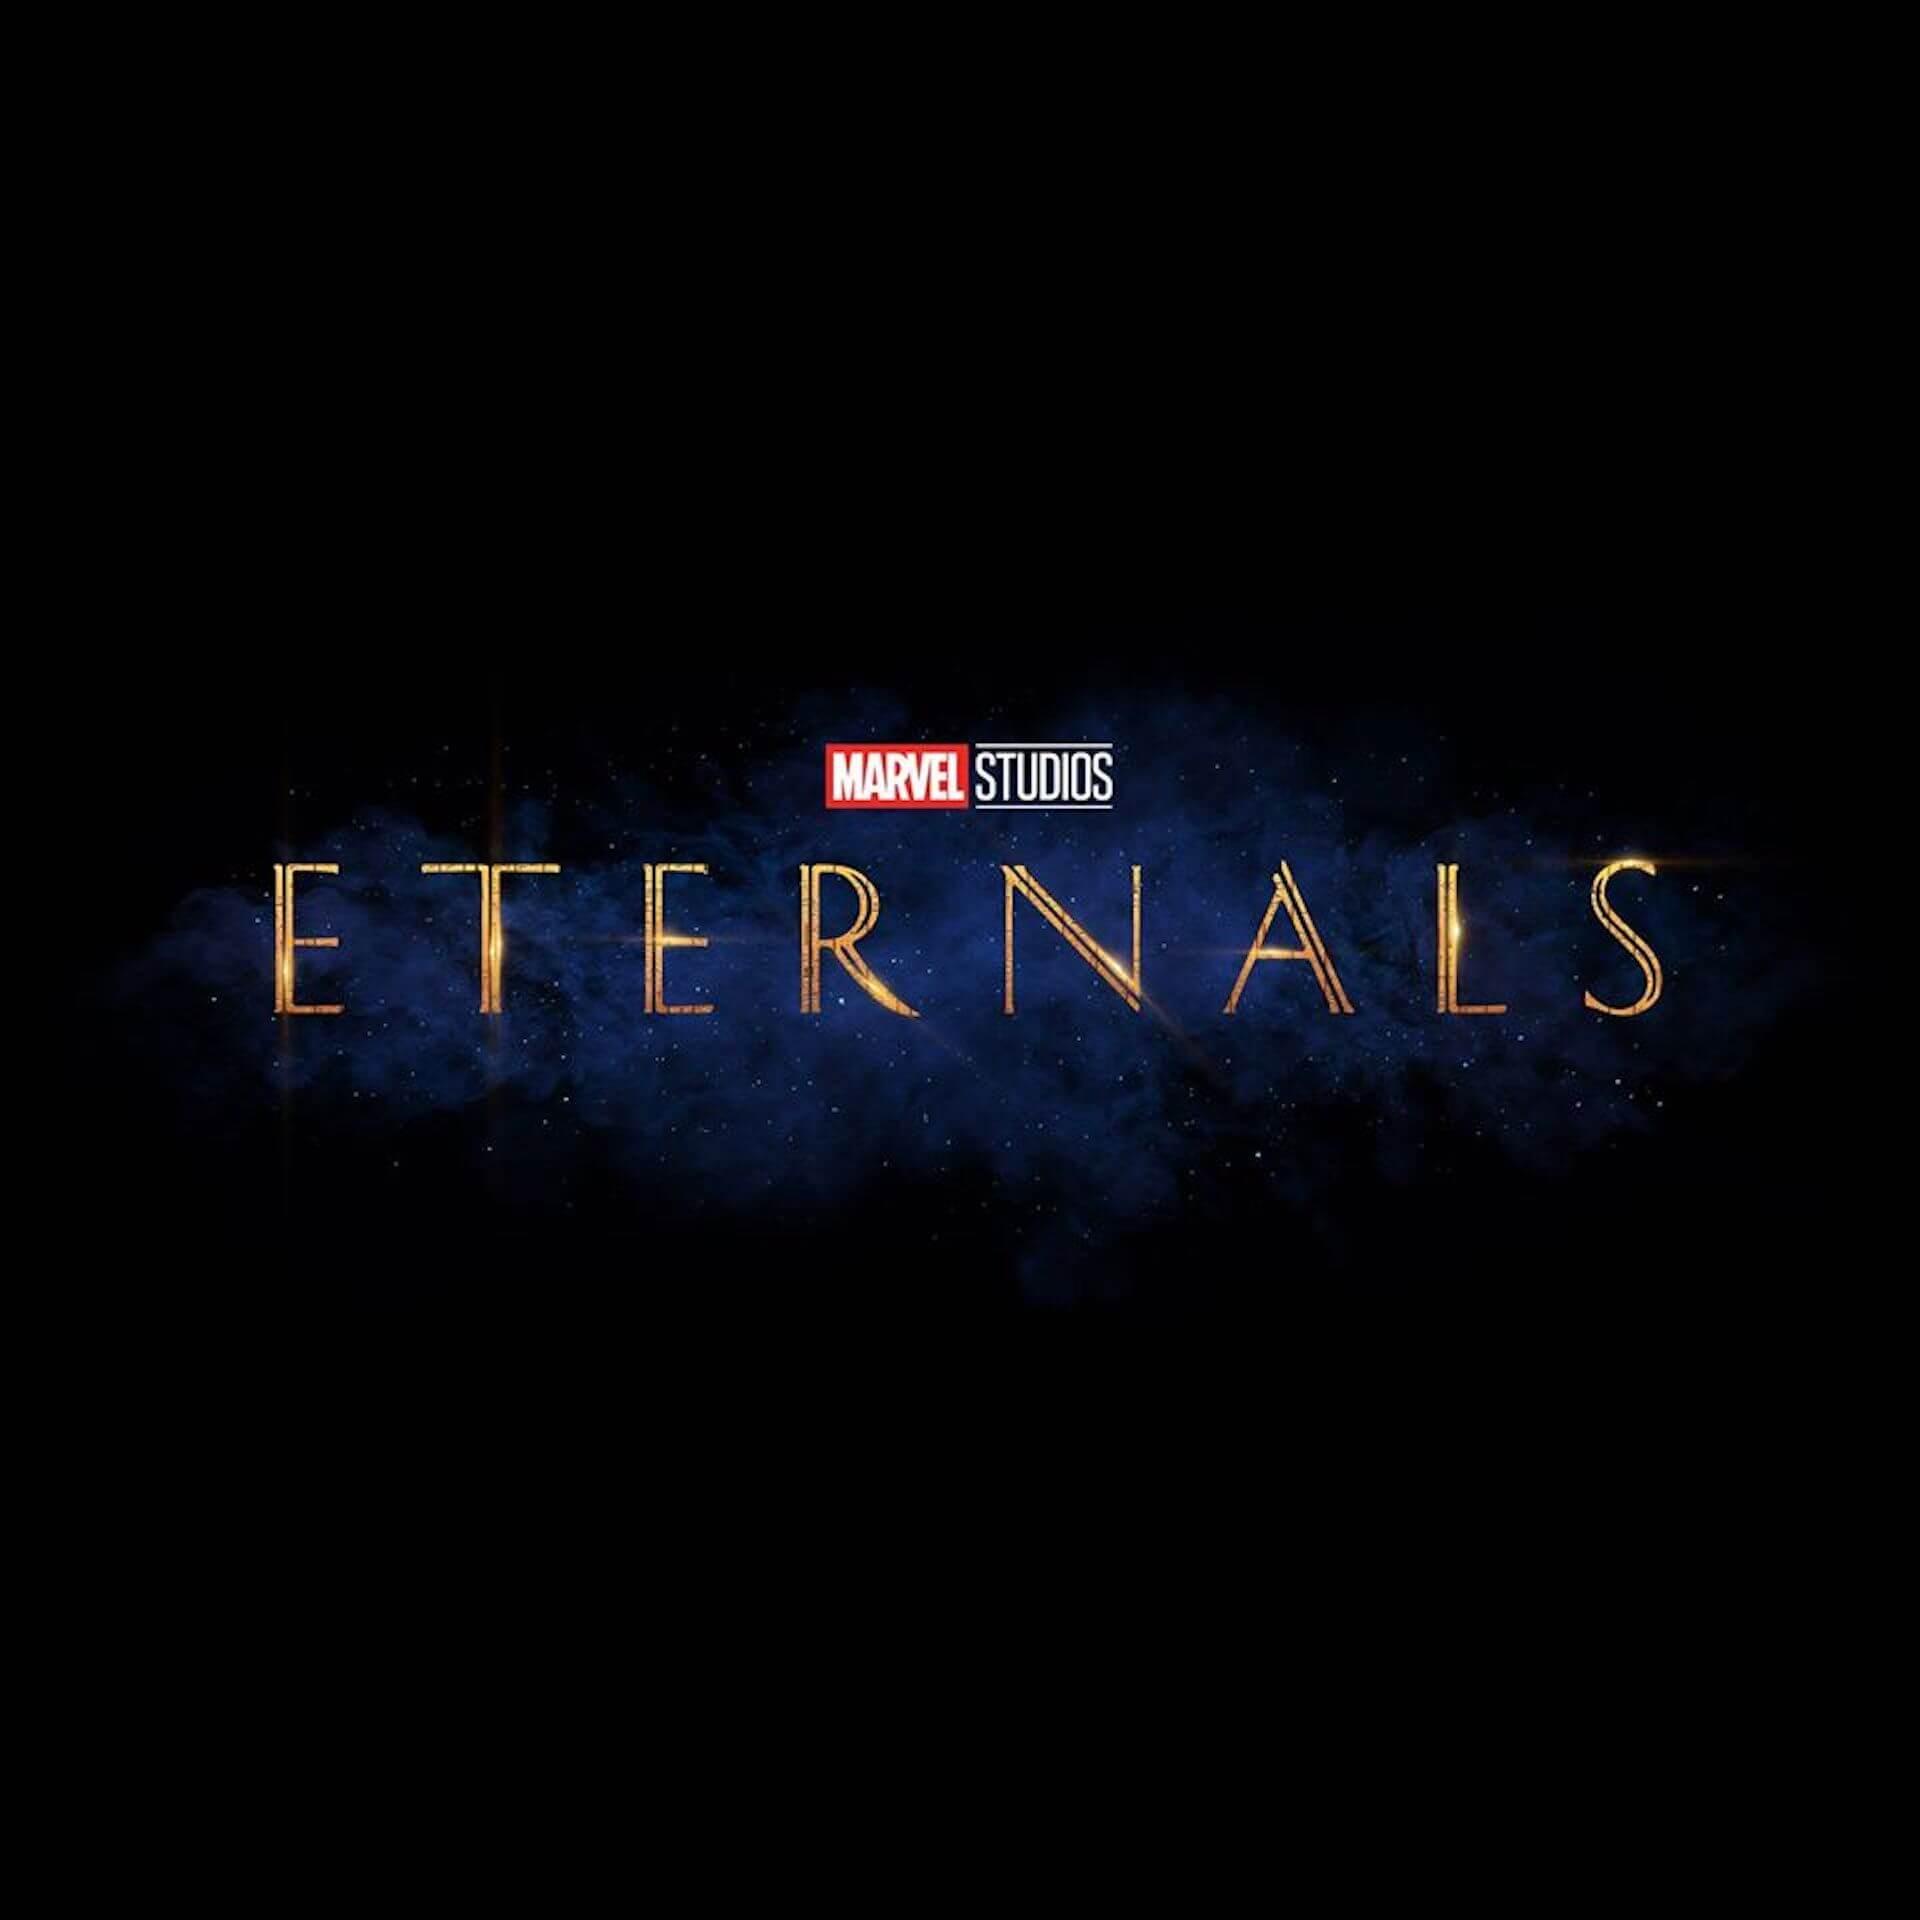 マーベル・スタジオ新作『エターナルズ』は『アベンジャーズ/エンドゲーム』後のストーリーに!公式概要が発表 film200115_marvel_eternals_main